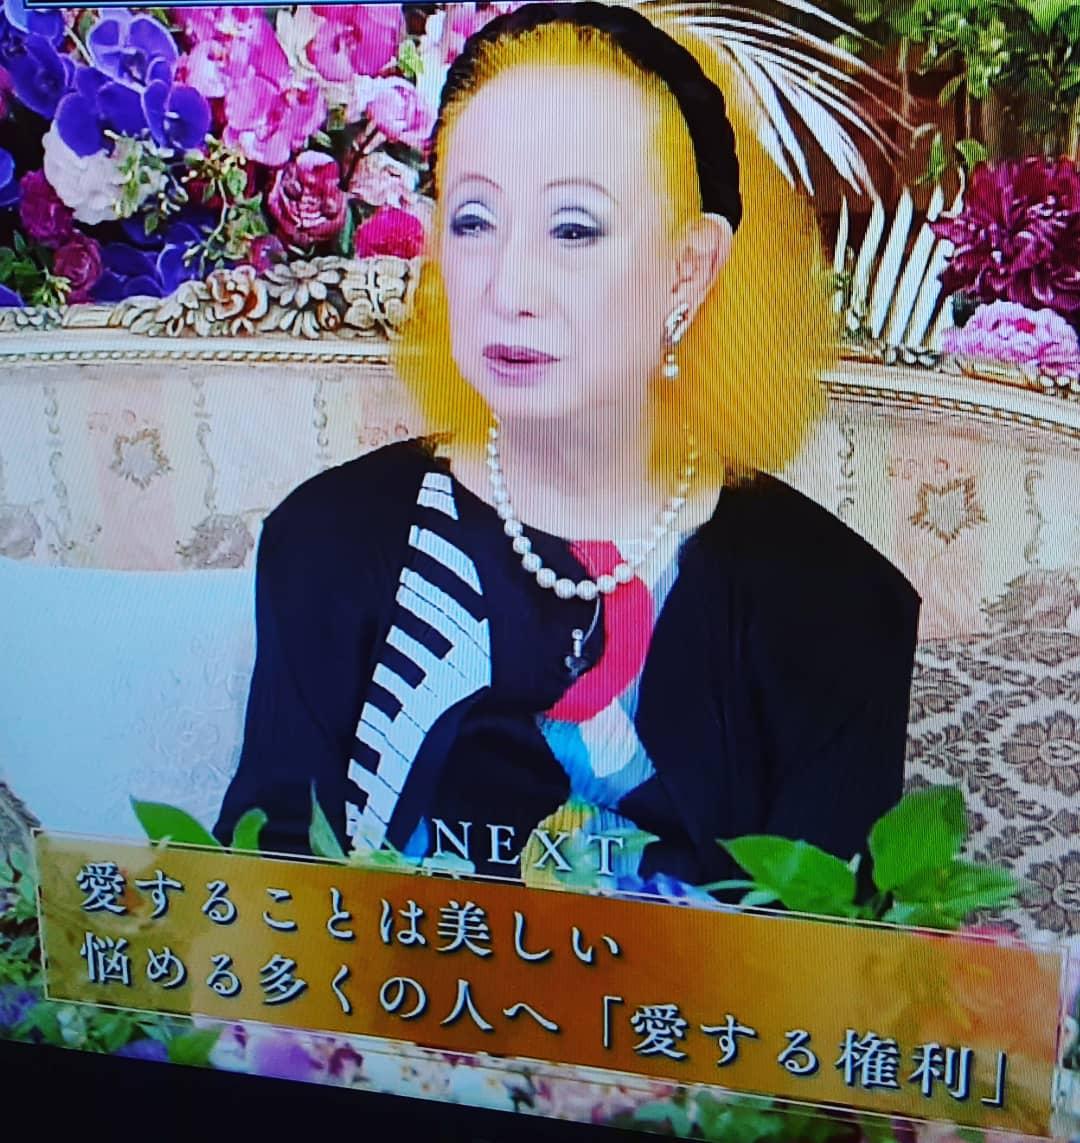 多様な社会の多様な幸せ🍀🌈美輪明宏さんの歌『愛する権利』は今一番届けたい歌だそうです💞